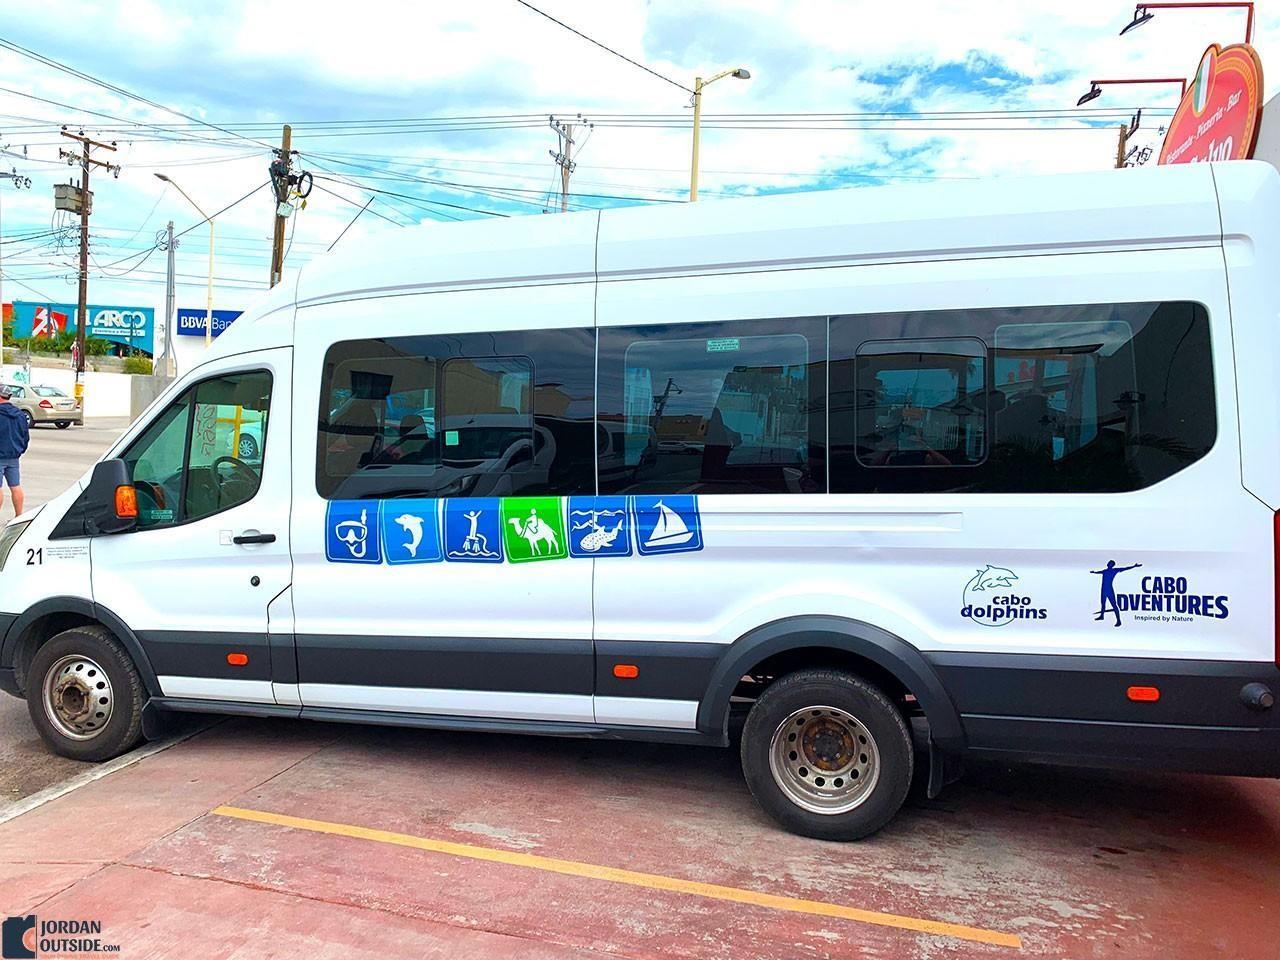 Cabo Adventures Transport Van